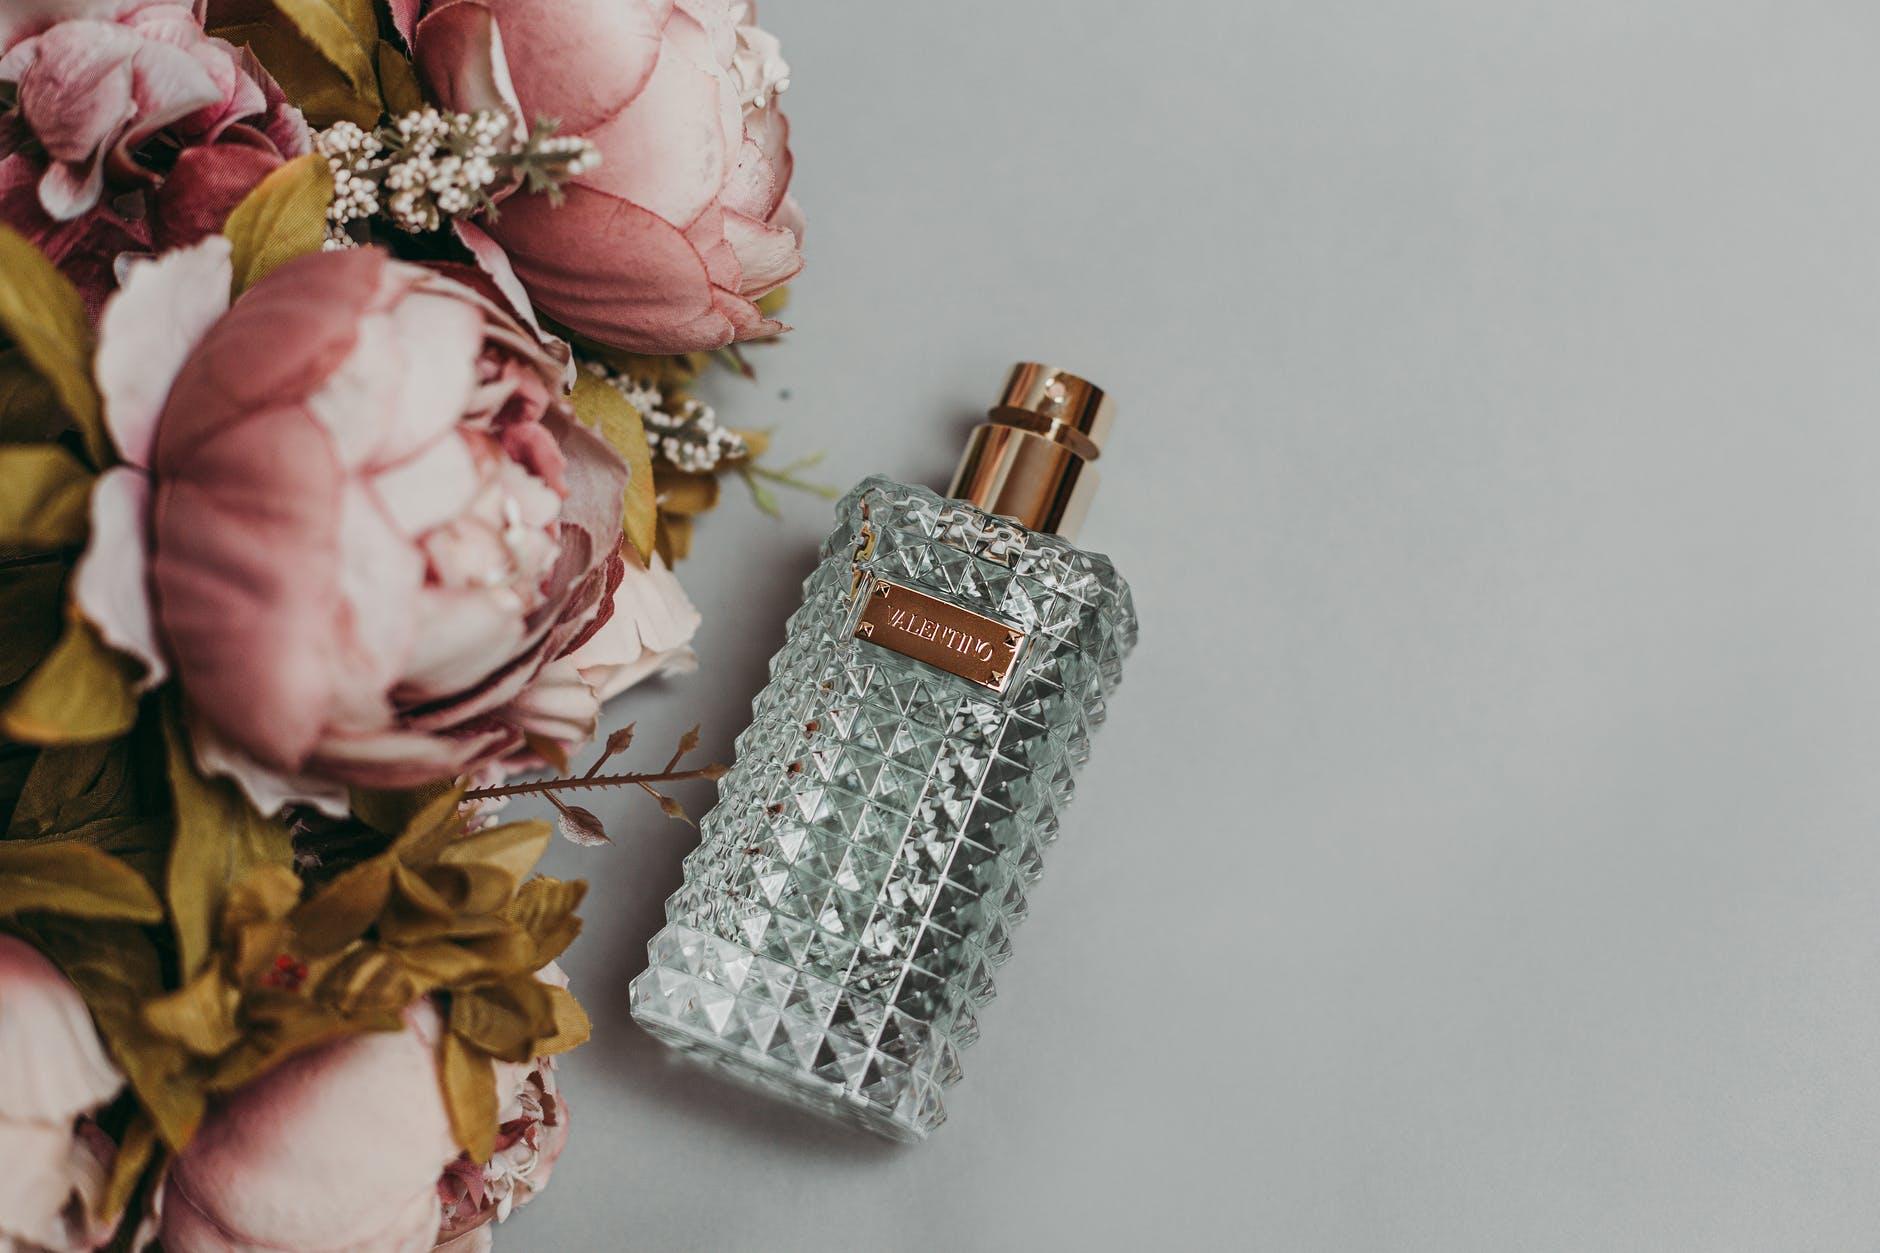 Cosmoland Parfüm Çeşitleri ile Kokunuz İmzanız Olsun!